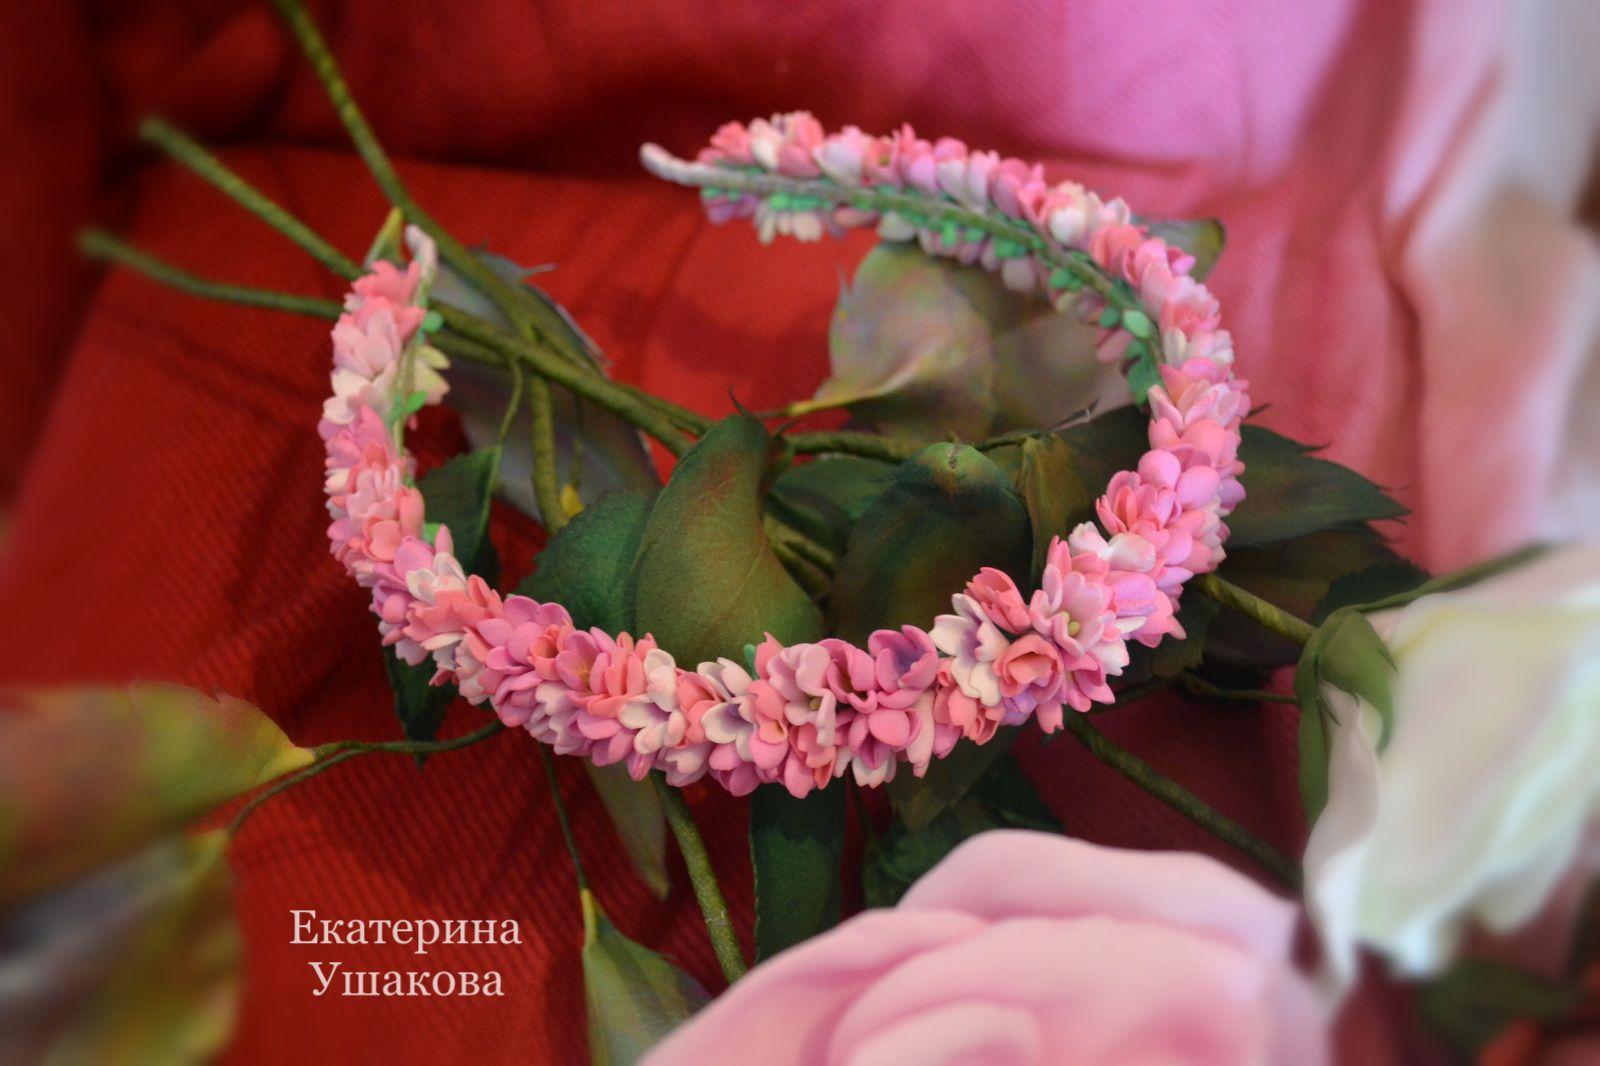 розовый цветочныеоблака ободок ободоксцветамизфоамирана ободокдлядевочки екатеринаушакова ободокдлядевушки